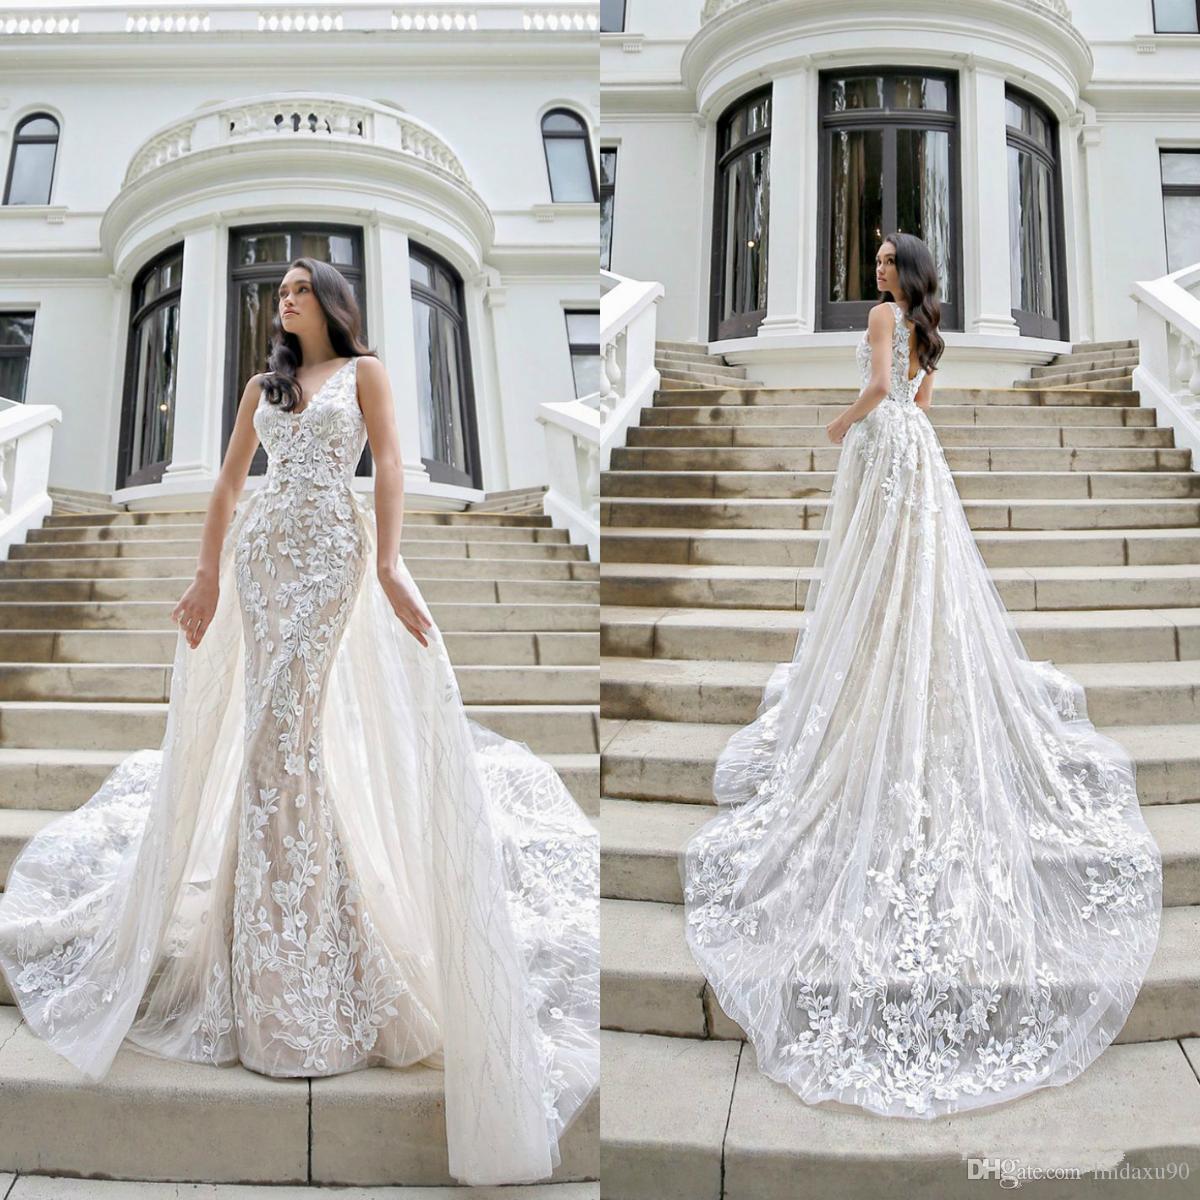 Gorgeous 2020 Русалка Свадебные платья Съемный поезд V шеи Кружева Аппликации Arabic Страна Стиль Свадебные платья